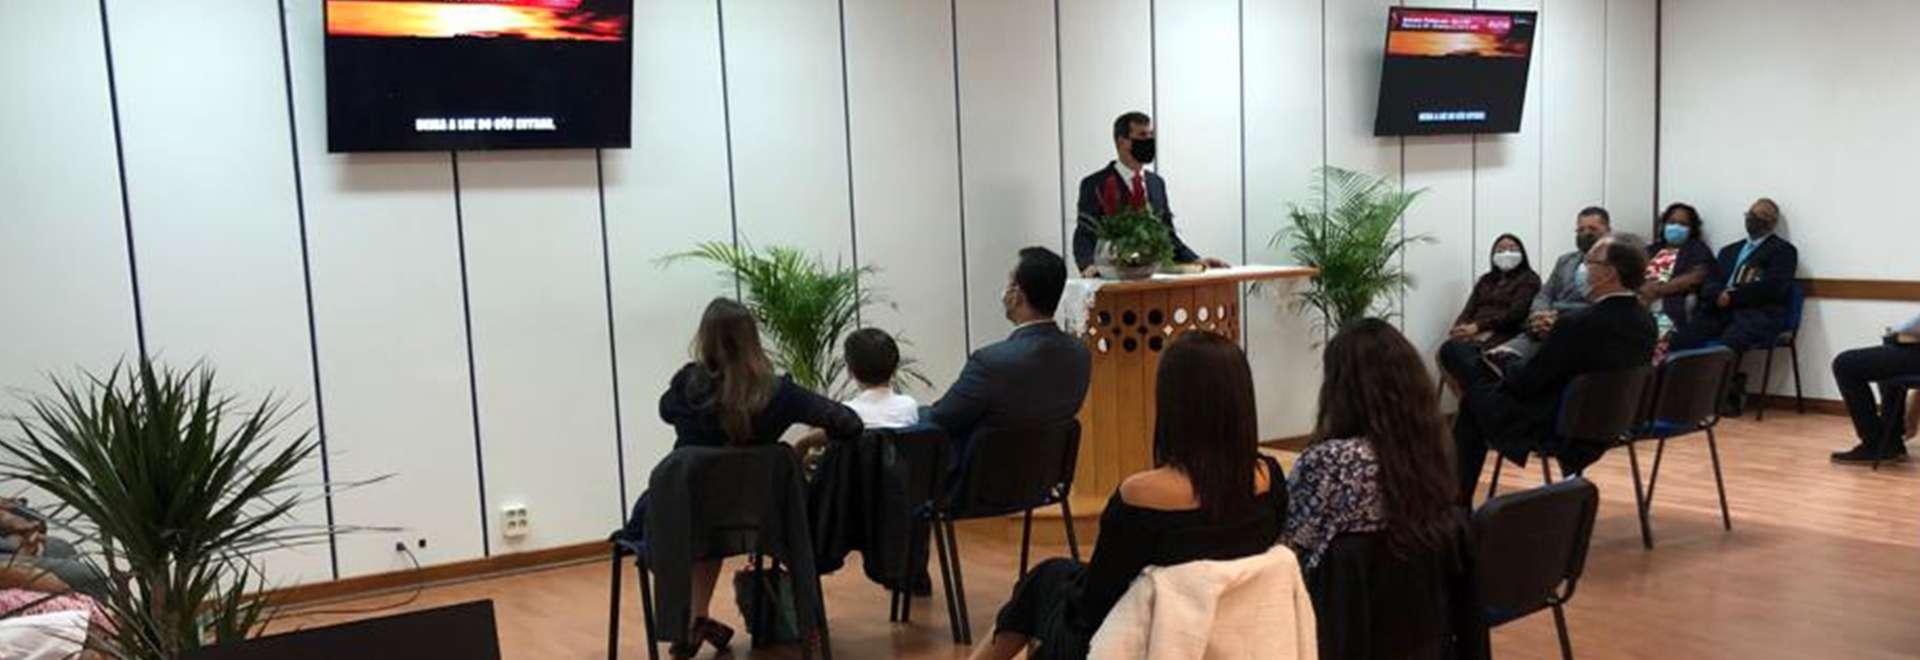 Retorno dos cultos em Portugal é marcado pela consagração de mais um templo